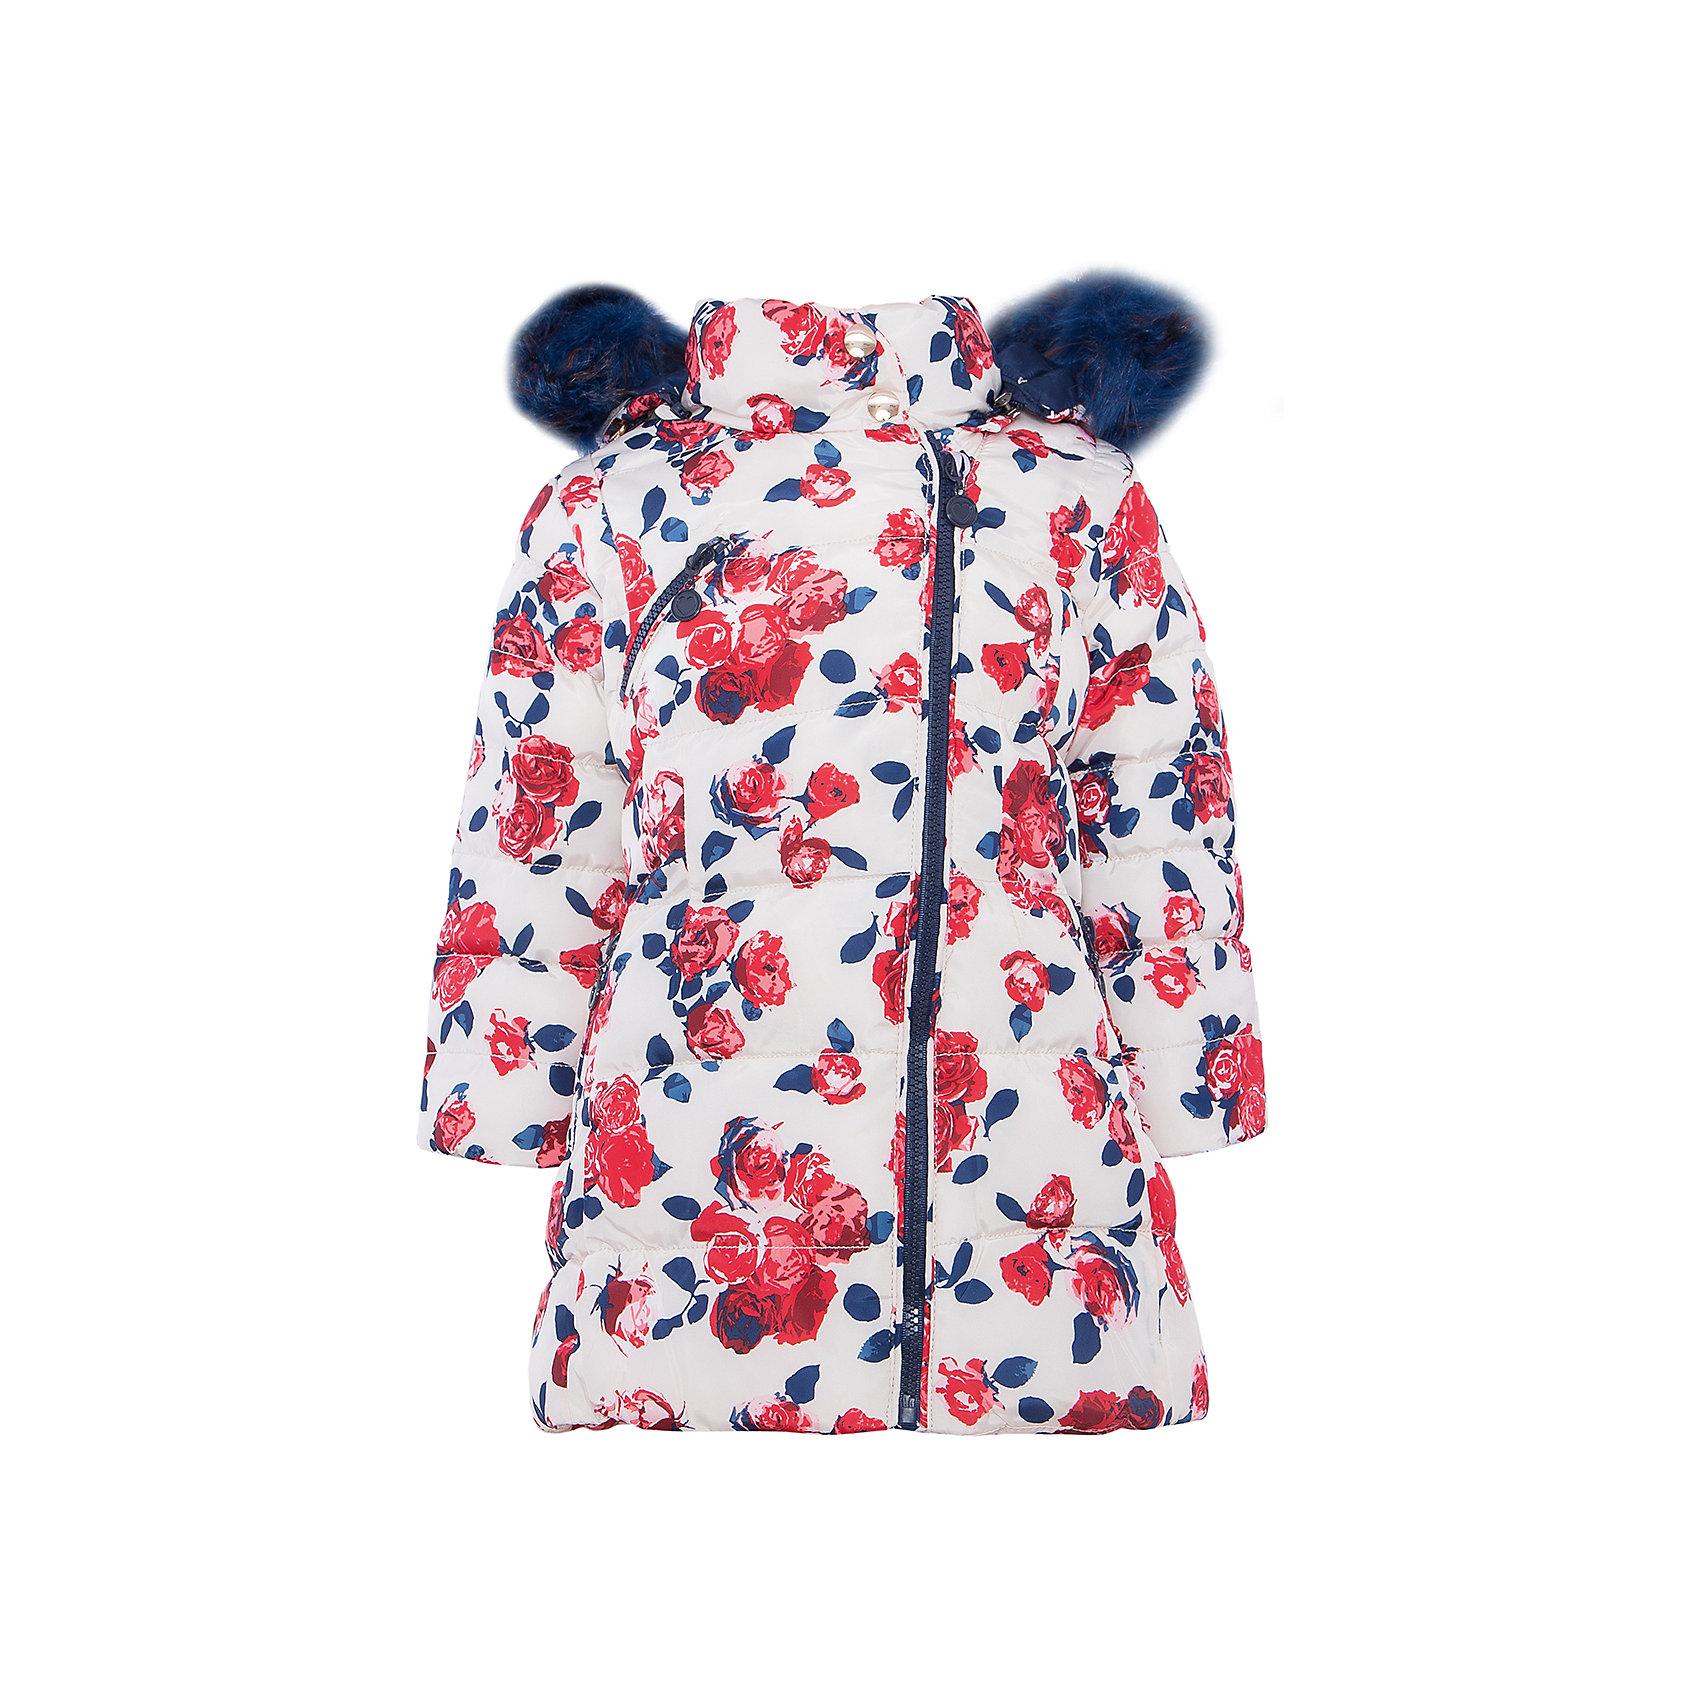 Пальто для девочки Sweet BerryВерхняя одежда<br>Пальто для девочки. <br><br>Температурный режим: до -5 градусов. Степень утепления – низкая. <br><br>* Температурный режим указан приблизительно — необходимо, прежде всего, ориентироваться на ощущения ребенка. Температурный режим работает в случае соблюдения правила многослойности – использования флисовой поддевы и термобелья.<br><br>Такая модель пальто для девочки отличается модным дизайном. Удачный крой обеспечит ребенку комфорт и тепло. Флисовая подкладка делает вещь идеальной для прохладной погоды. Она плотно прилегает к телу там, где нужно, и отлично сидит по фигуре. Декорирована модель опушкой на капюшоне и цветочным принтом.<br>Одежда от бренда Sweet Berry - это простой и выгодный способ одеть ребенка удобно и стильно. Всё изделия тщательно проработаны: швы - прочные, материал - качественный, фурнитура - подобранная специально для детей. <br><br>Дополнительная информация:<br><br>цвет: бежевый;<br>капюшон с опушкой;<br>материал: верх, подкладка, наполнитель - 100% полиэстер;<br>застежка: молния;<br>принт.<br><br>Пальто для девочки от бренда Sweet Berry можно купить в нашем интернет-магазине.<br><br>Ширина мм: 356<br>Глубина мм: 10<br>Высота мм: 245<br>Вес г: 519<br>Цвет: бежевый<br>Возраст от месяцев: 24<br>Возраст до месяцев: 36<br>Пол: Женский<br>Возраст: Детский<br>Размер: 98,80,86,92<br>SKU: 4931303